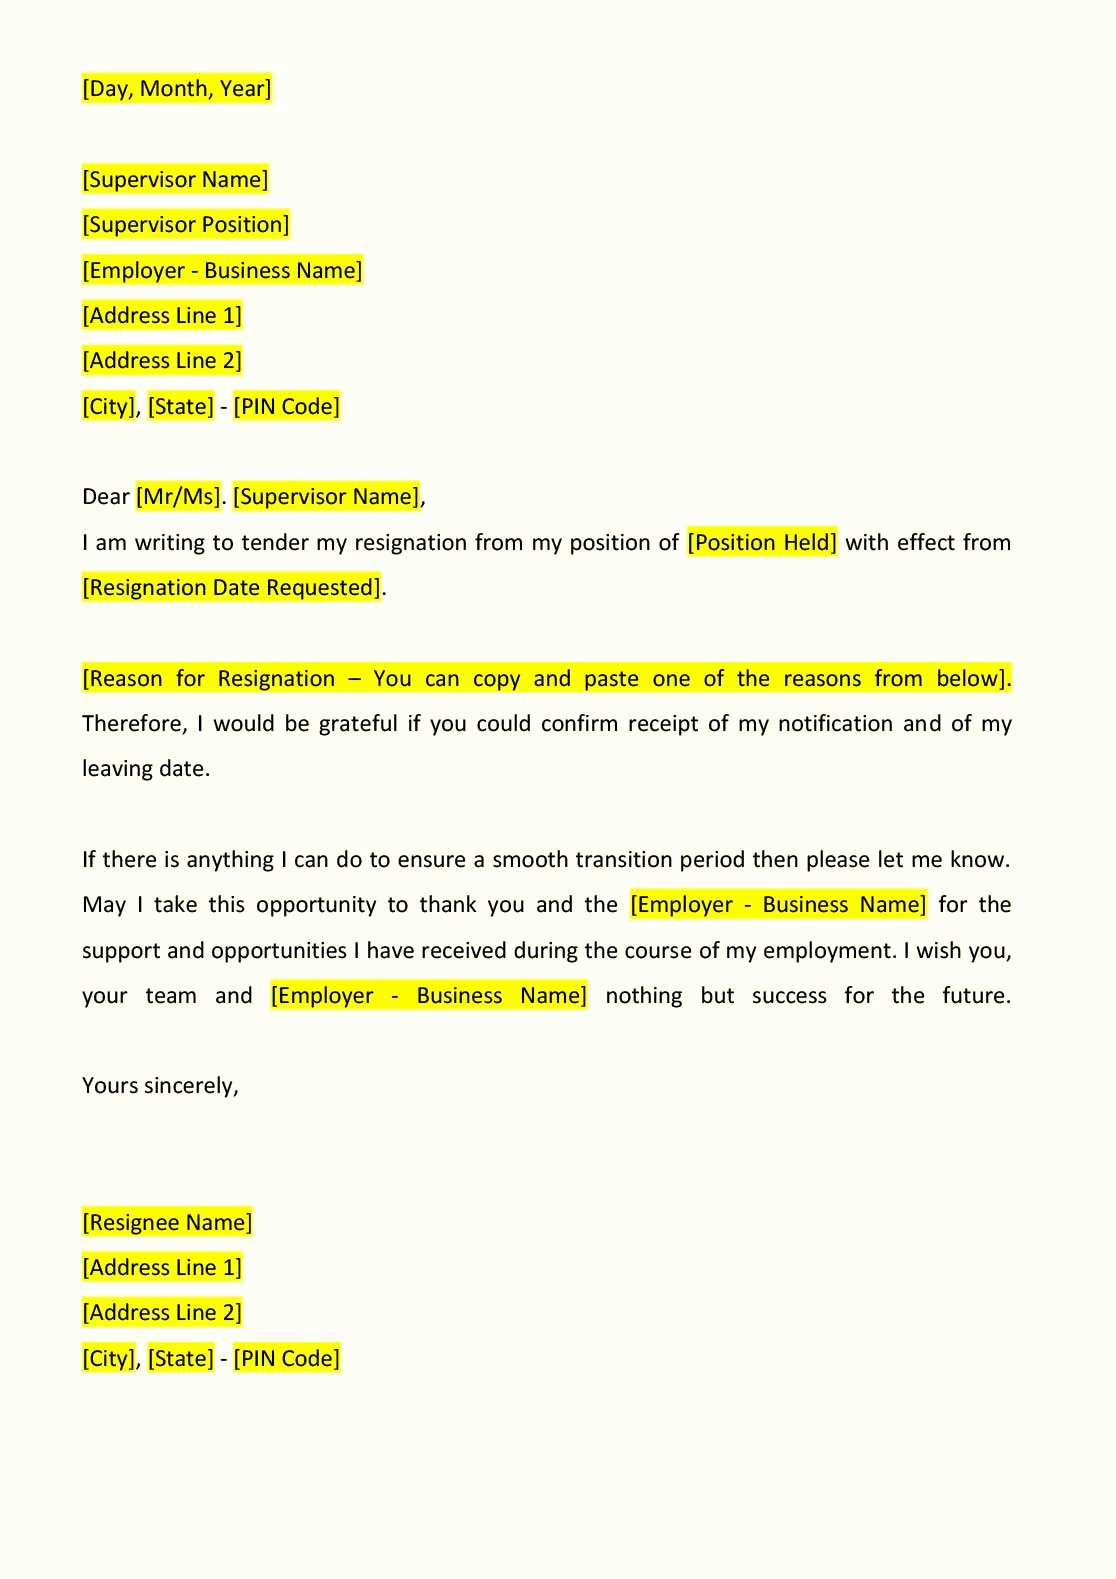 Resignation Letter format Indiafilings Document Center